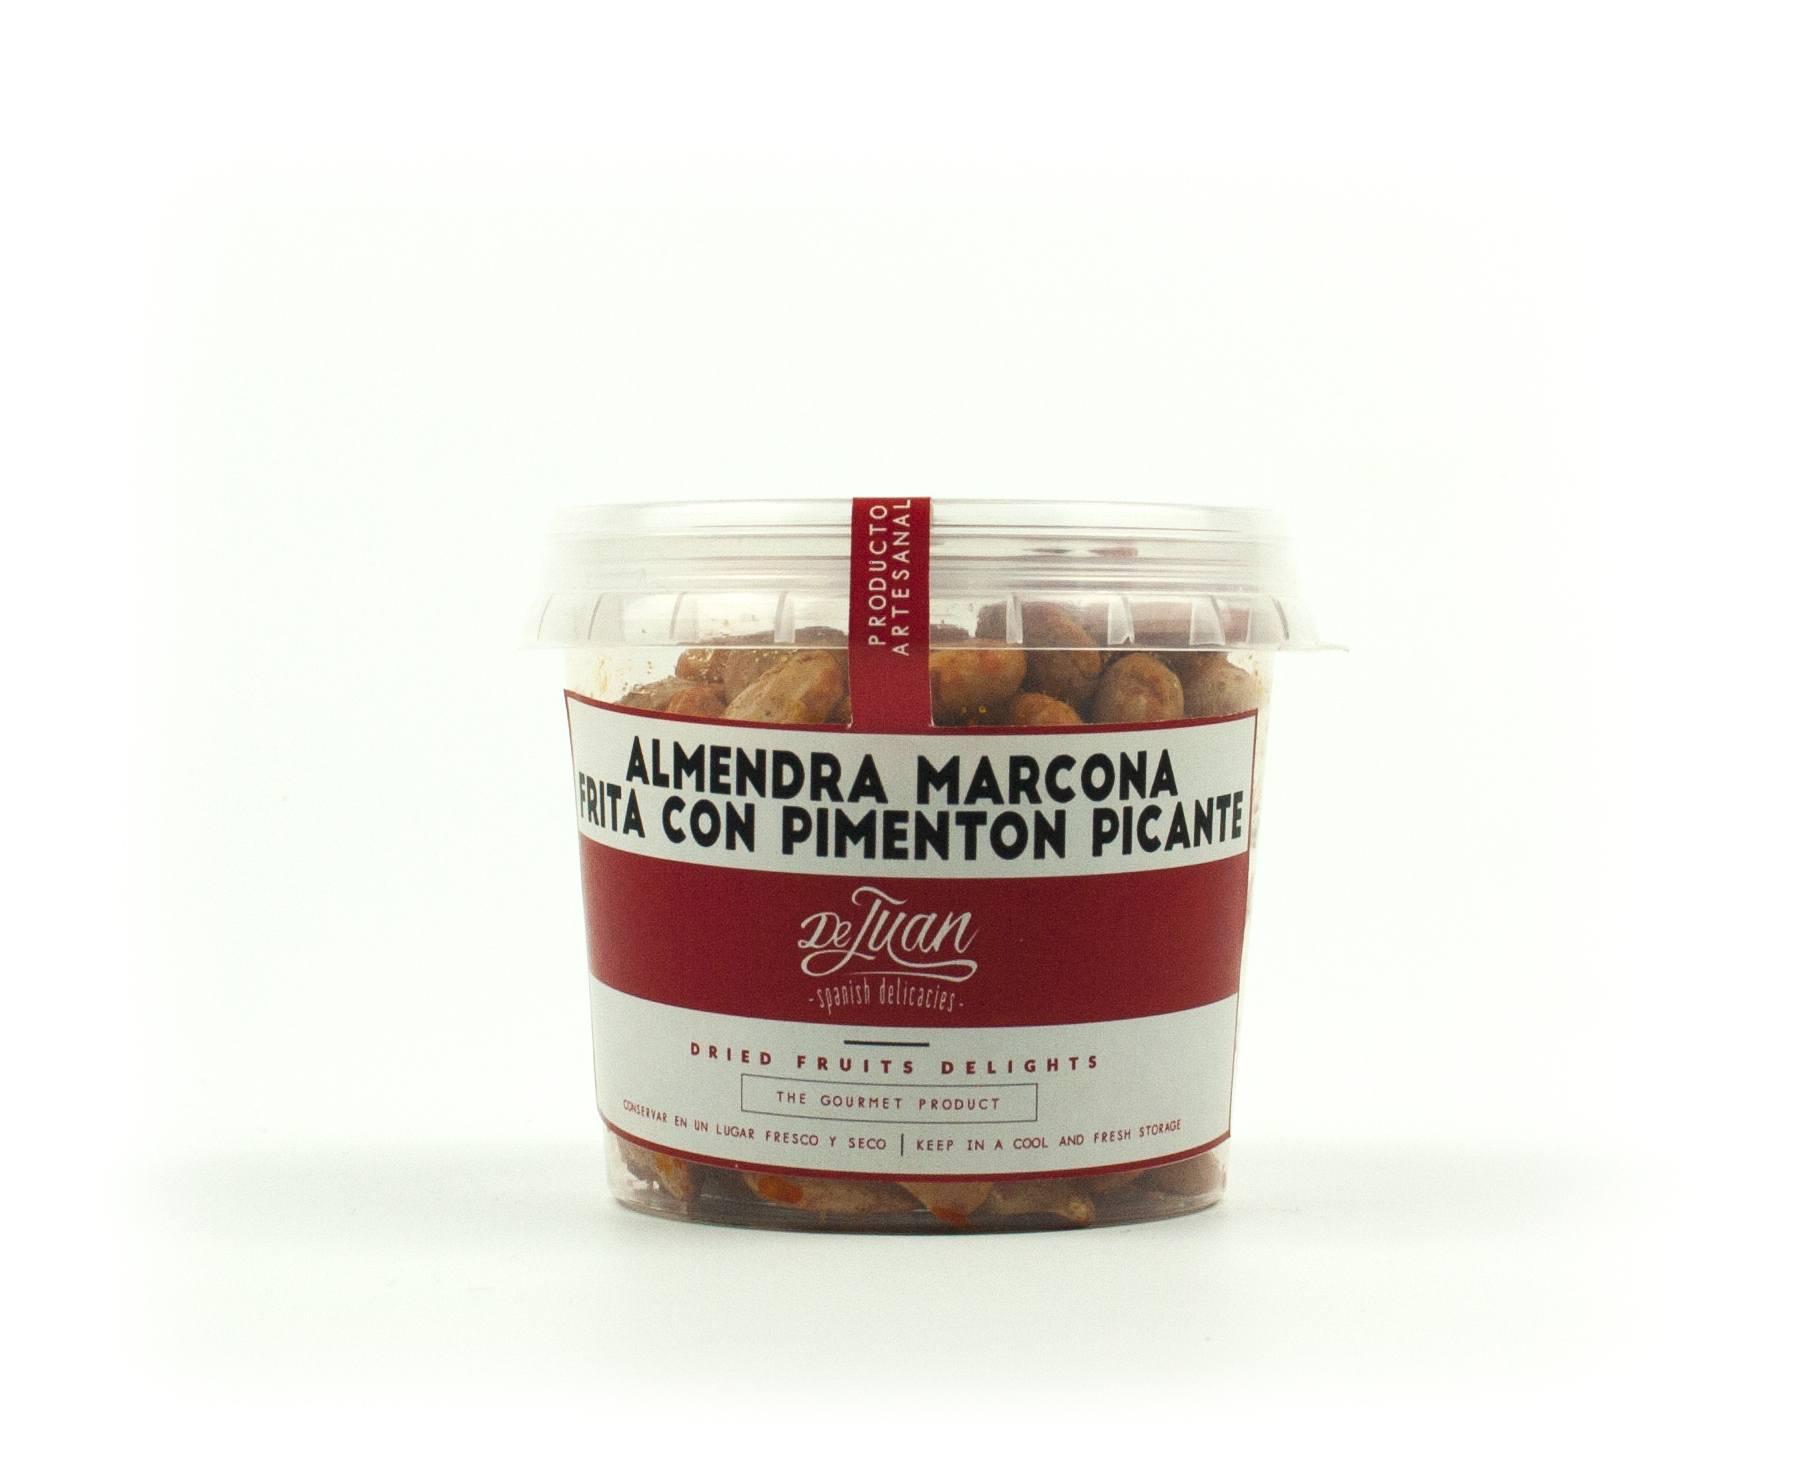 Almendra Marcona Frita con Pimentón Picante